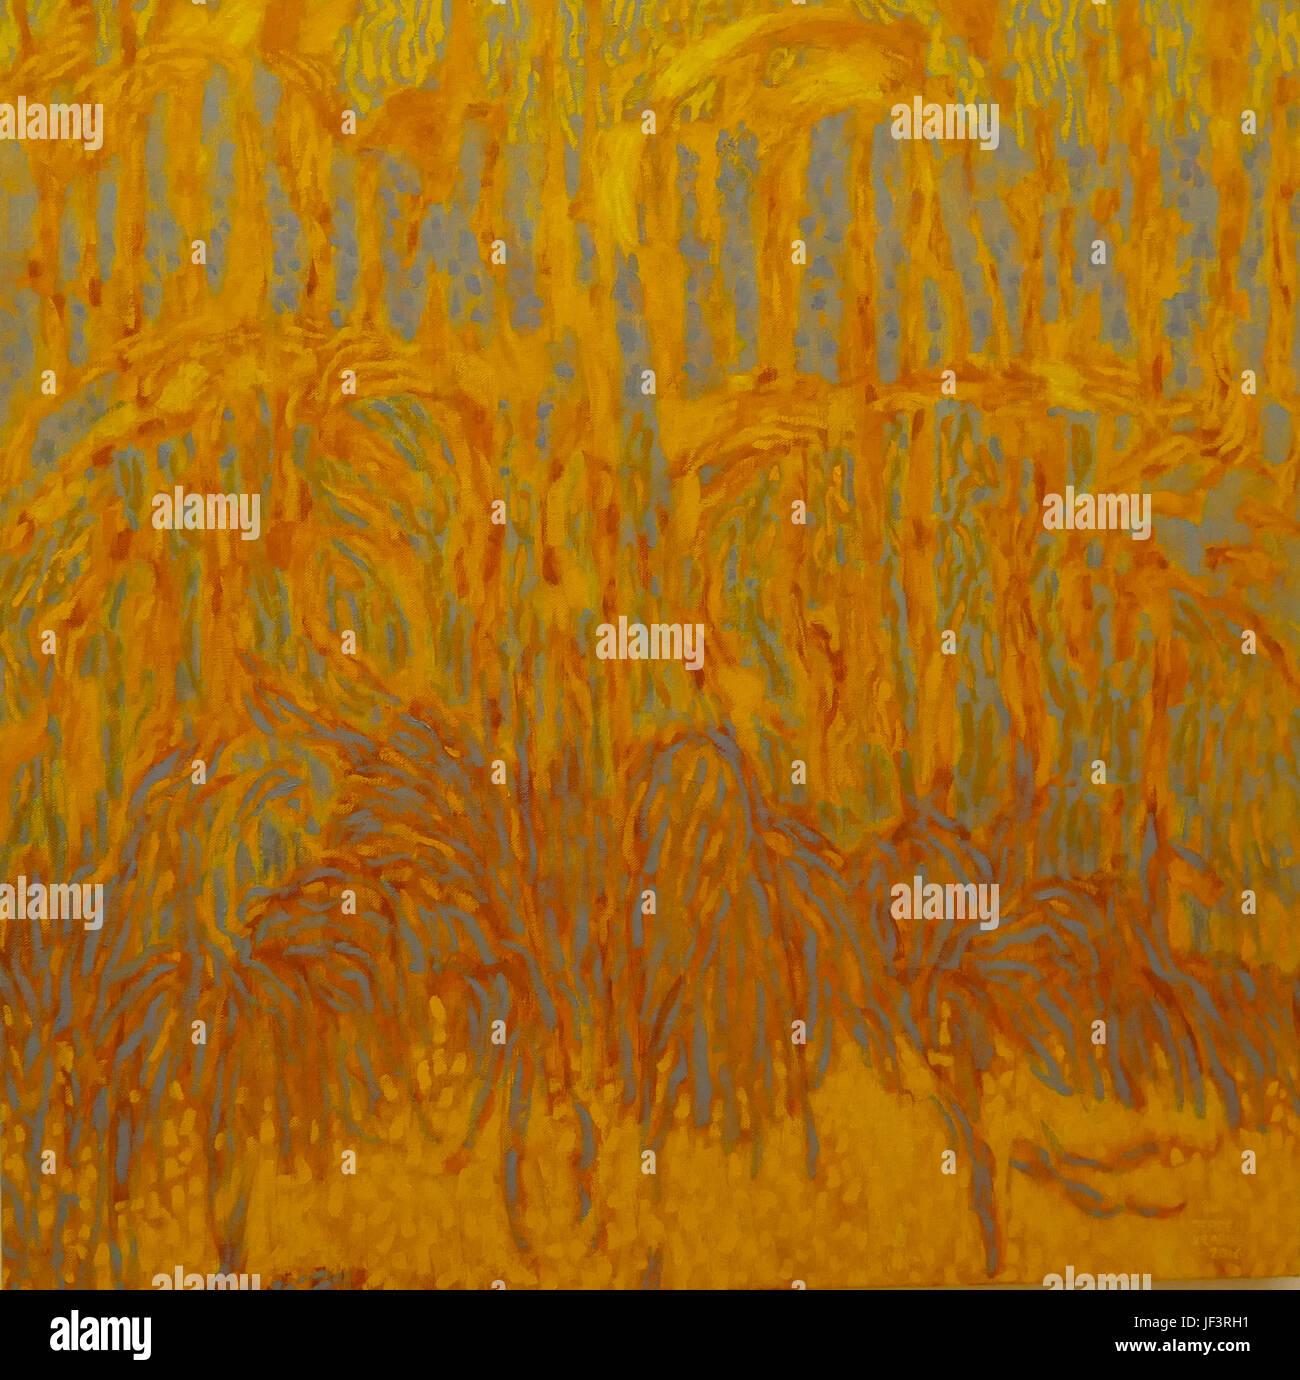 'Four Seasons, dalfsen' de Jeroen Krabbe,Holanda Imagen De Stock